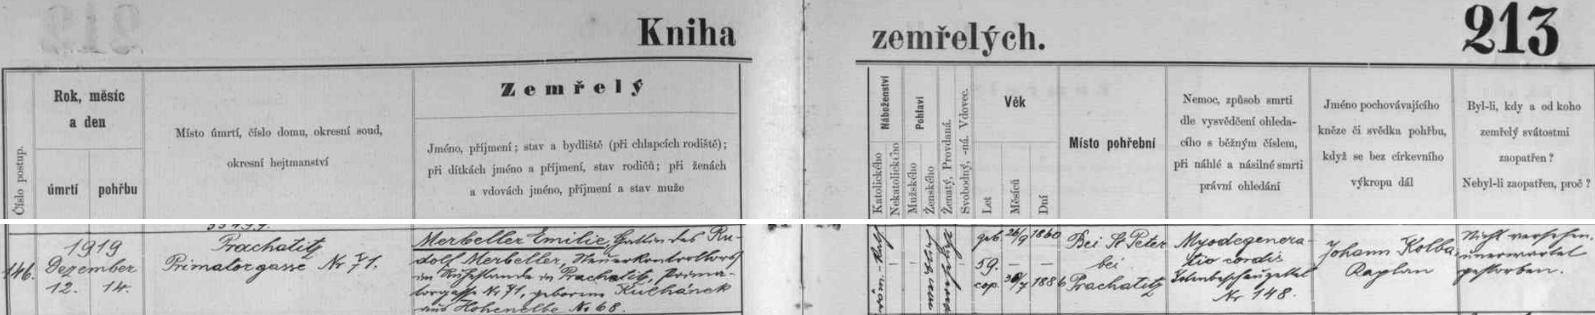 Záznam prachatické úmrtní matriky o skonu jeho ženy Emilie a jejím pohřbu ve Starých Prachaticích